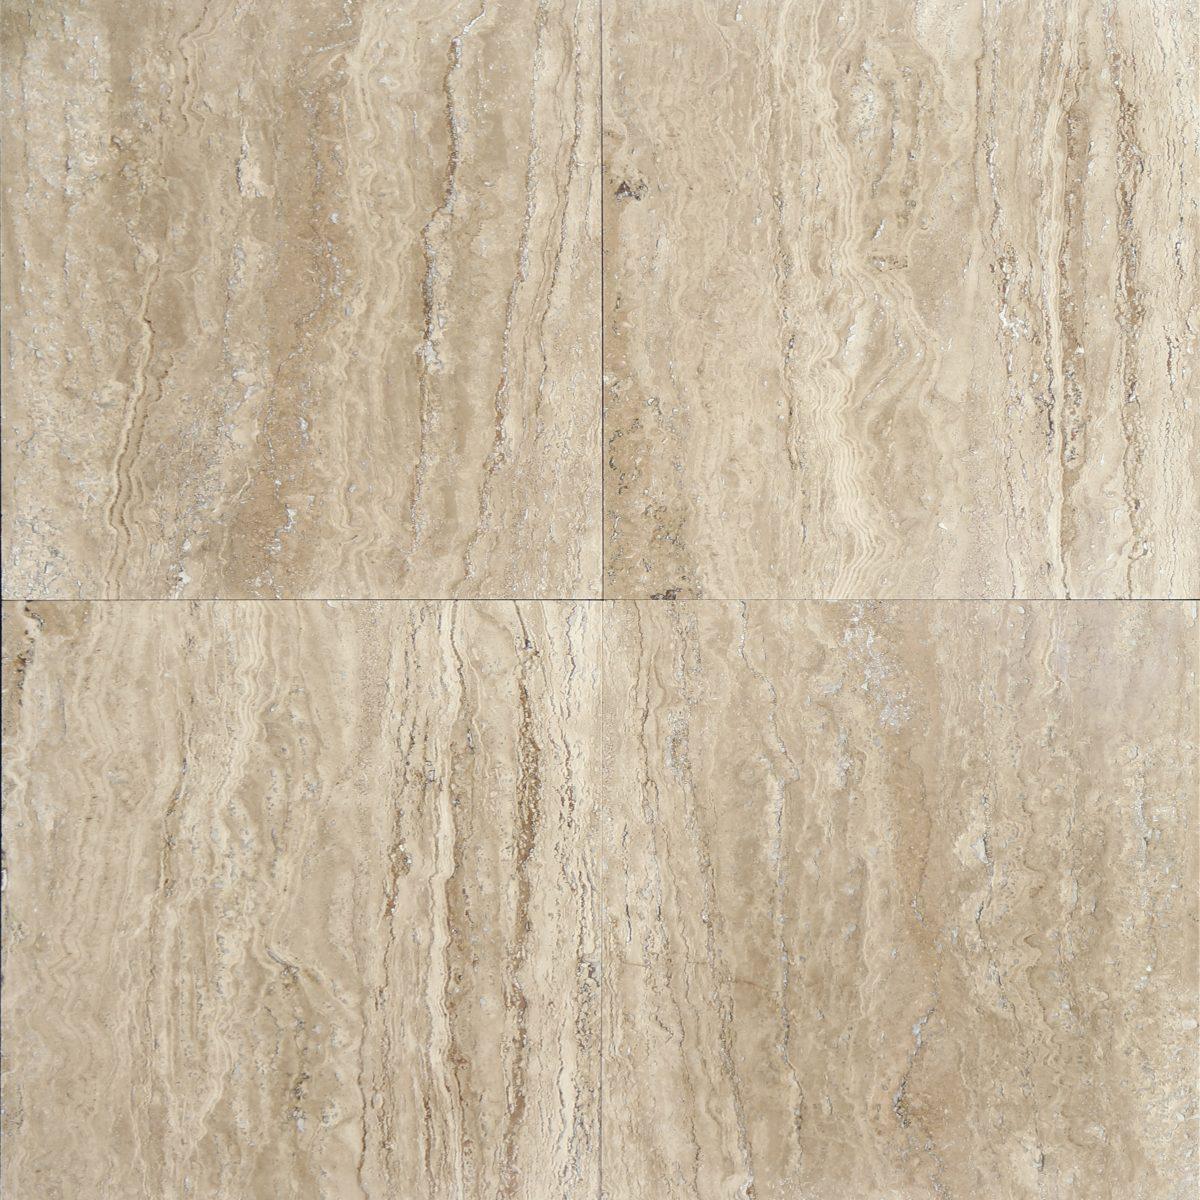 Patara Vein Cut Honed Travertine Tile Travertine And